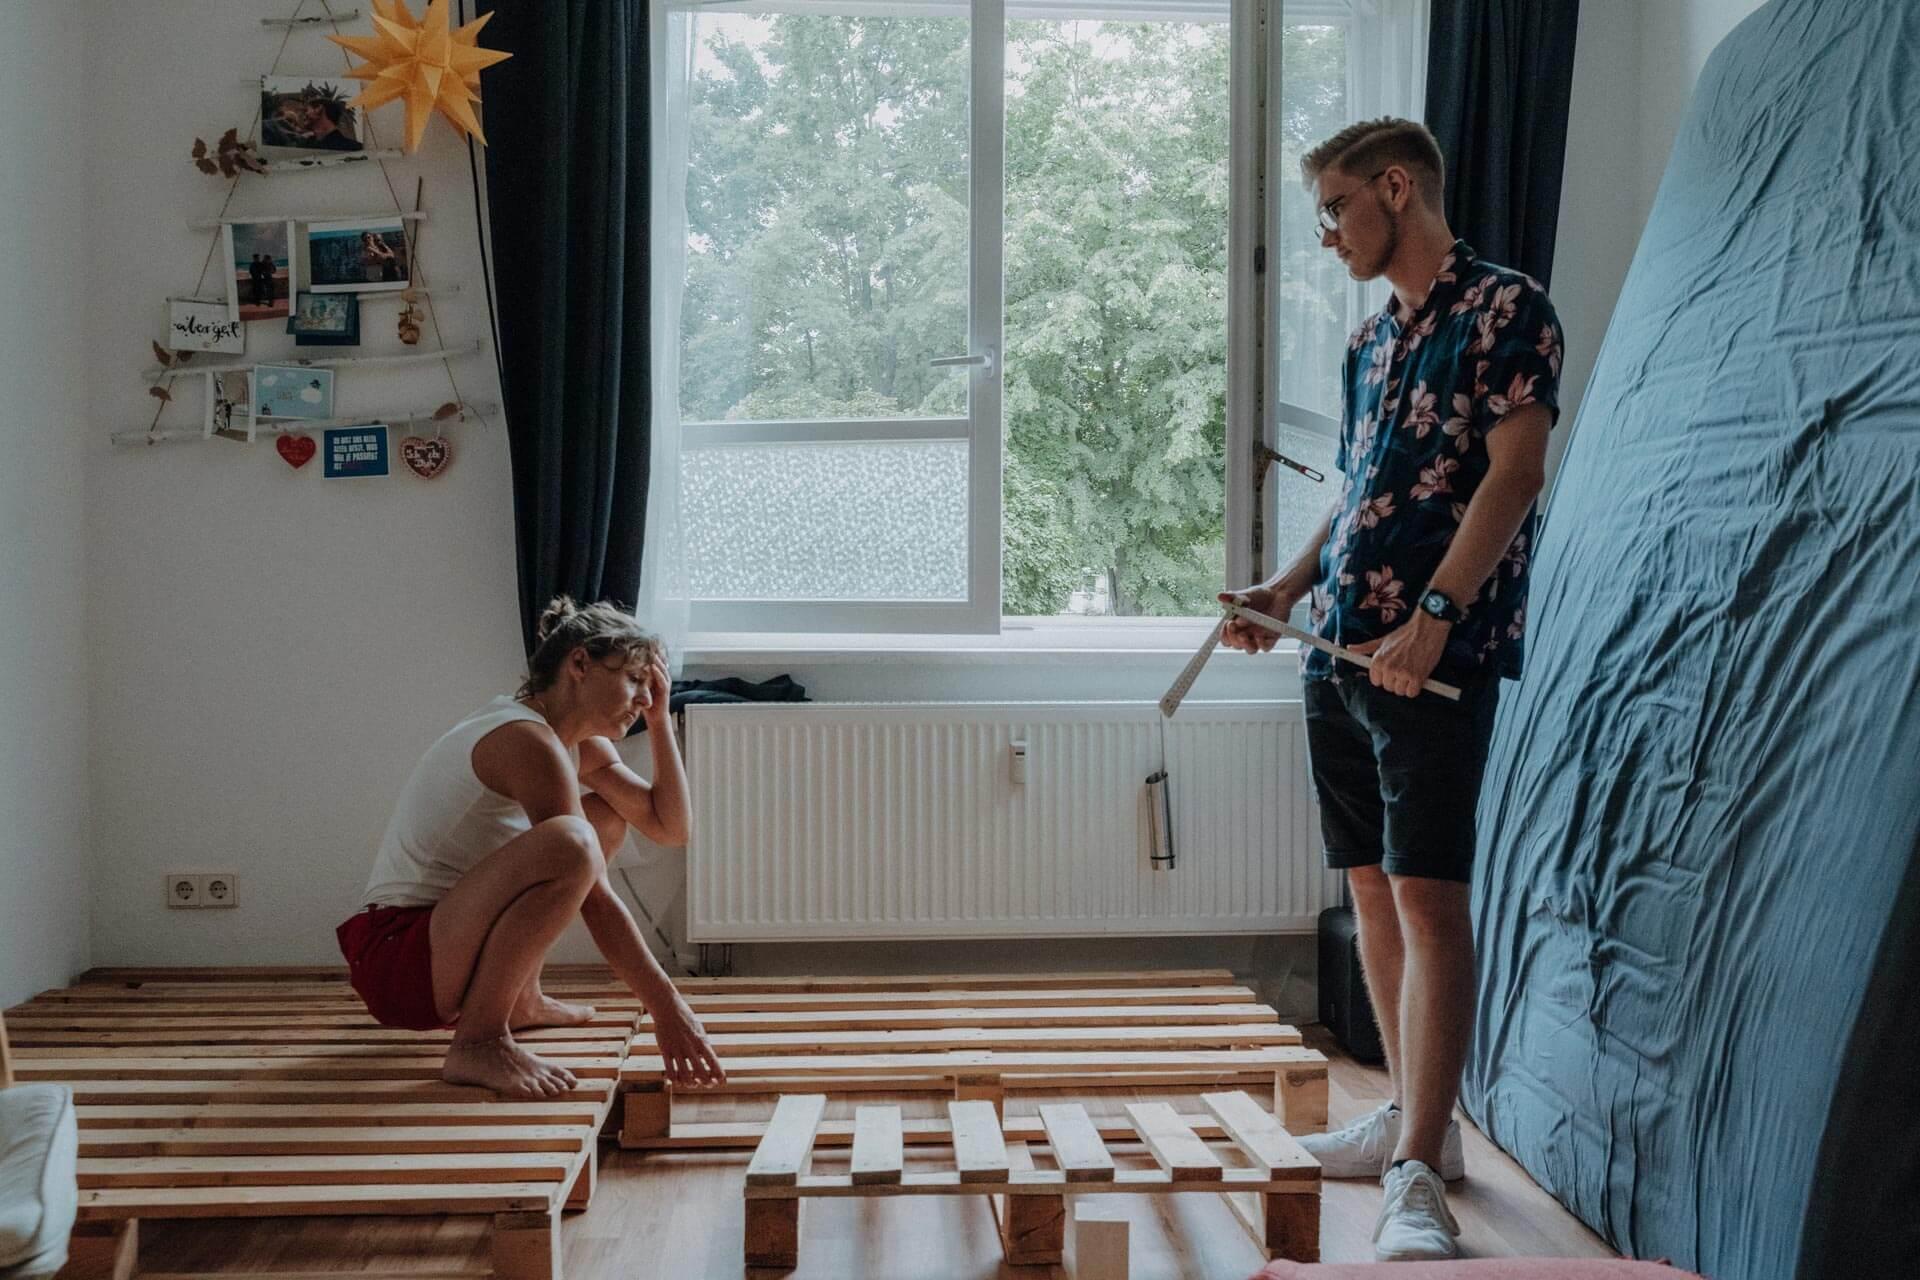 dokumentarische_familienfotografie_tabea_hoernlein_18_desktop